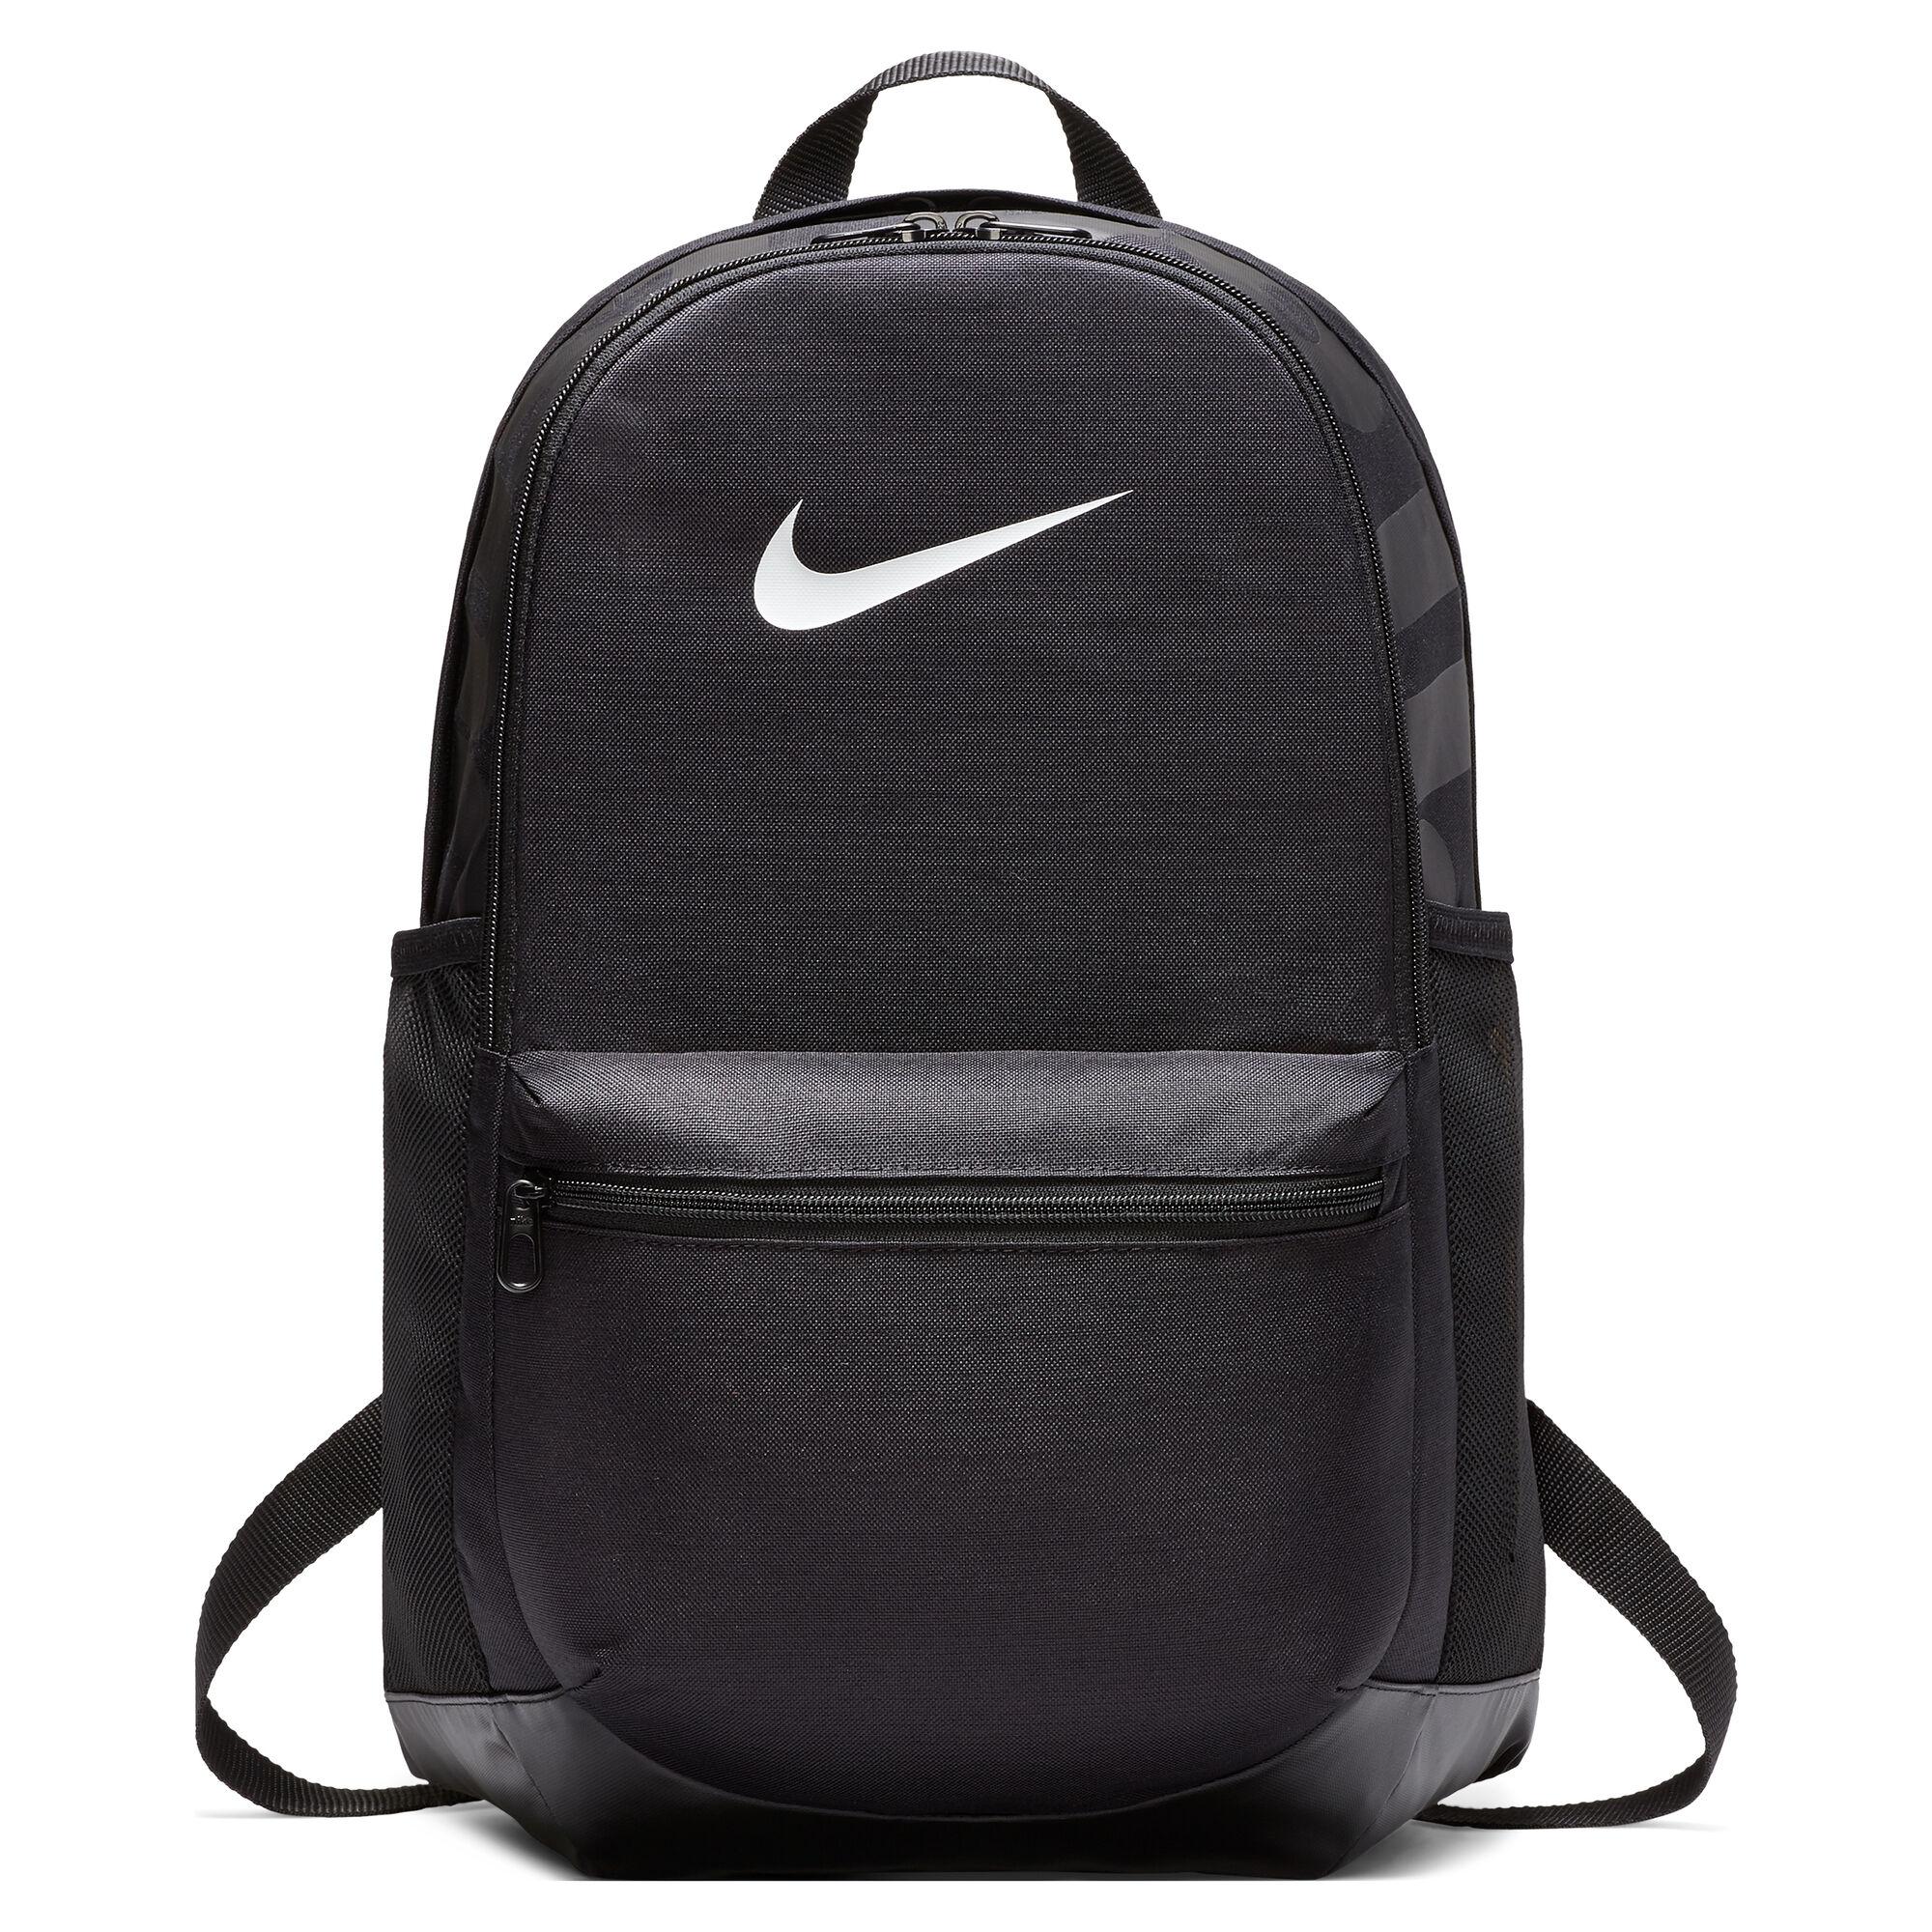 3c056e9a48 Nike Brasilia Training Batoh Střední - Černá